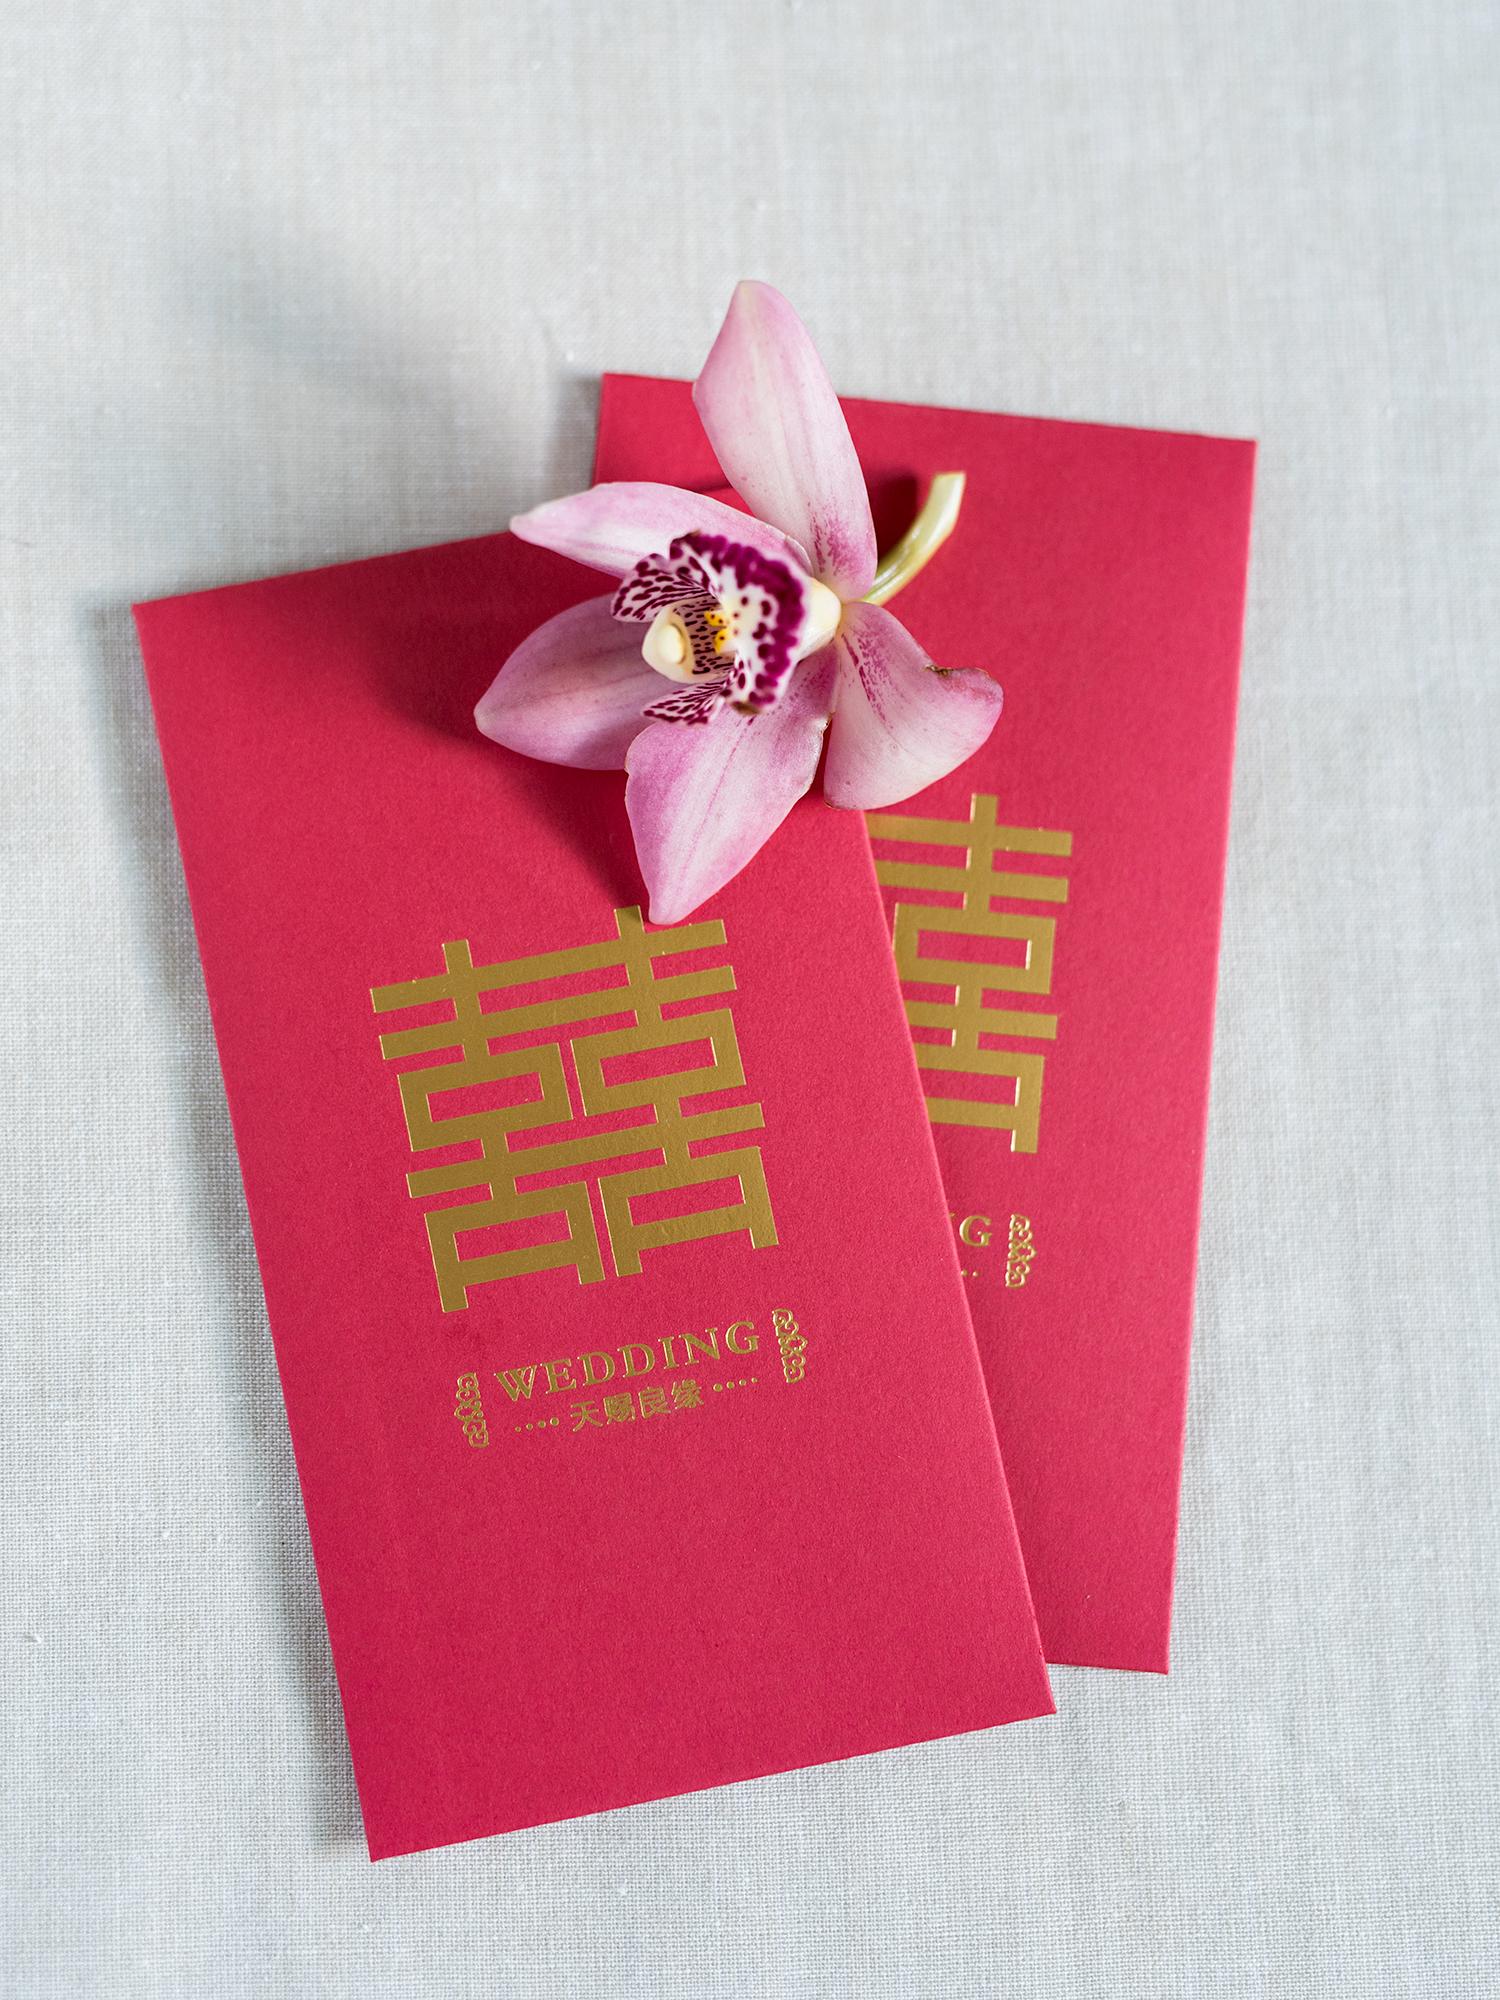 ivana nevin wedding tea ceremony